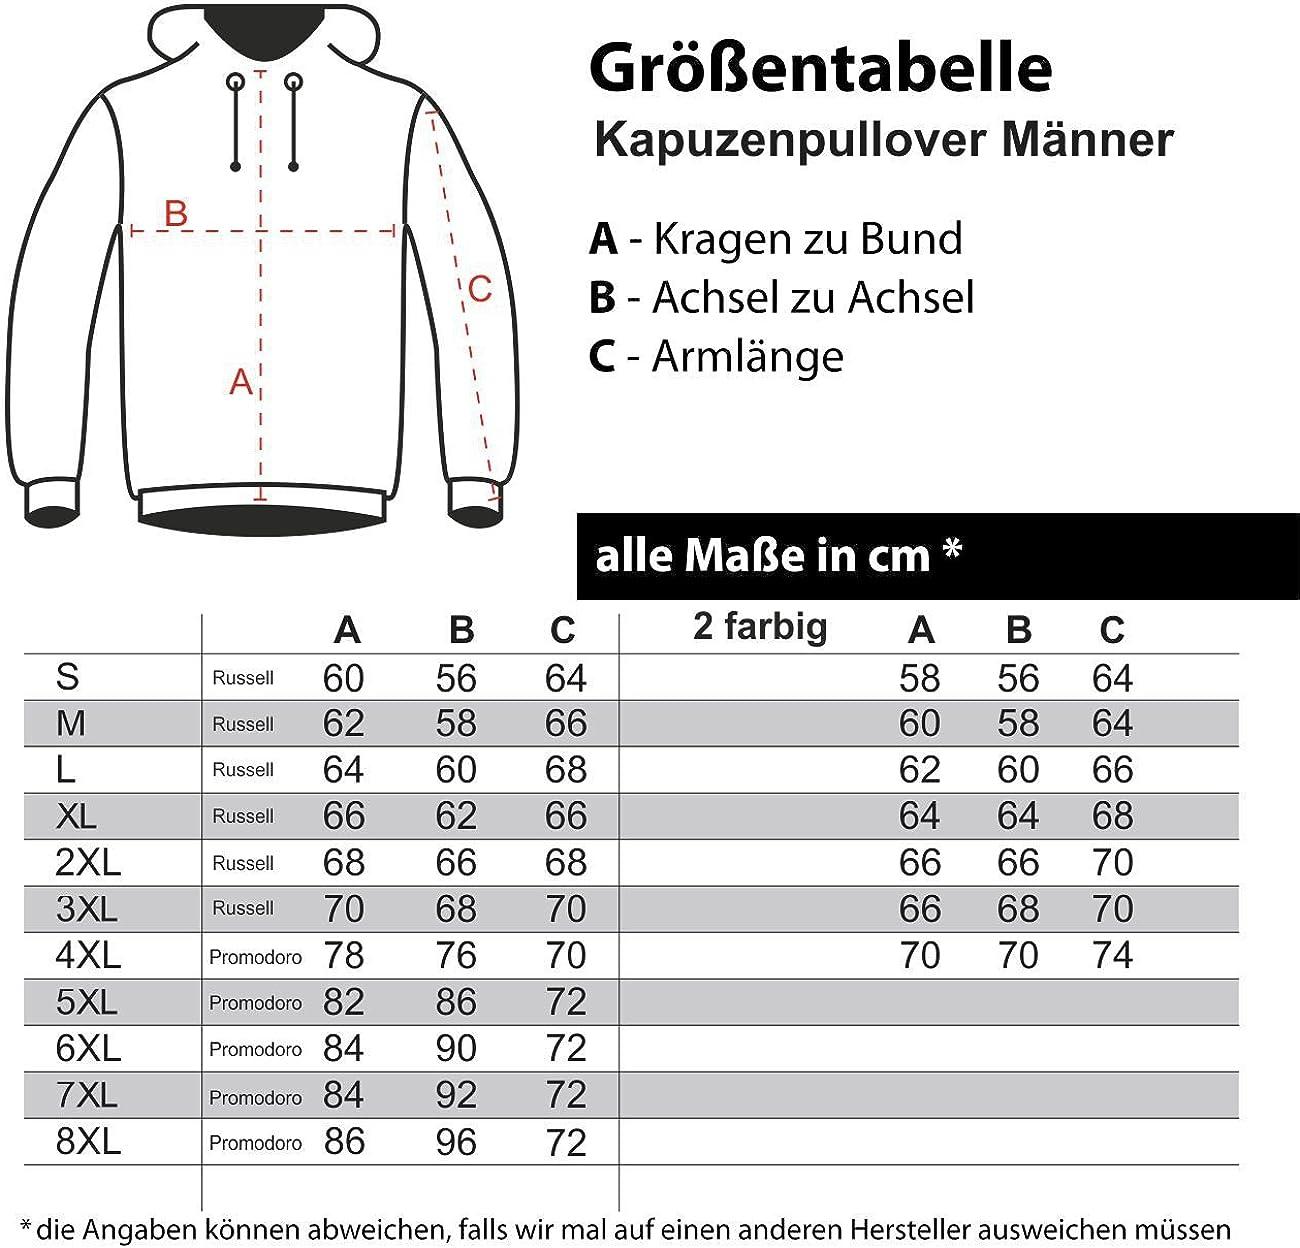 Spaß kostet Männer und Herren Kapuzenpullover Die Jungs fürs Grobe (mit Rückendruck) Kolben Größe S - 4XL Rot